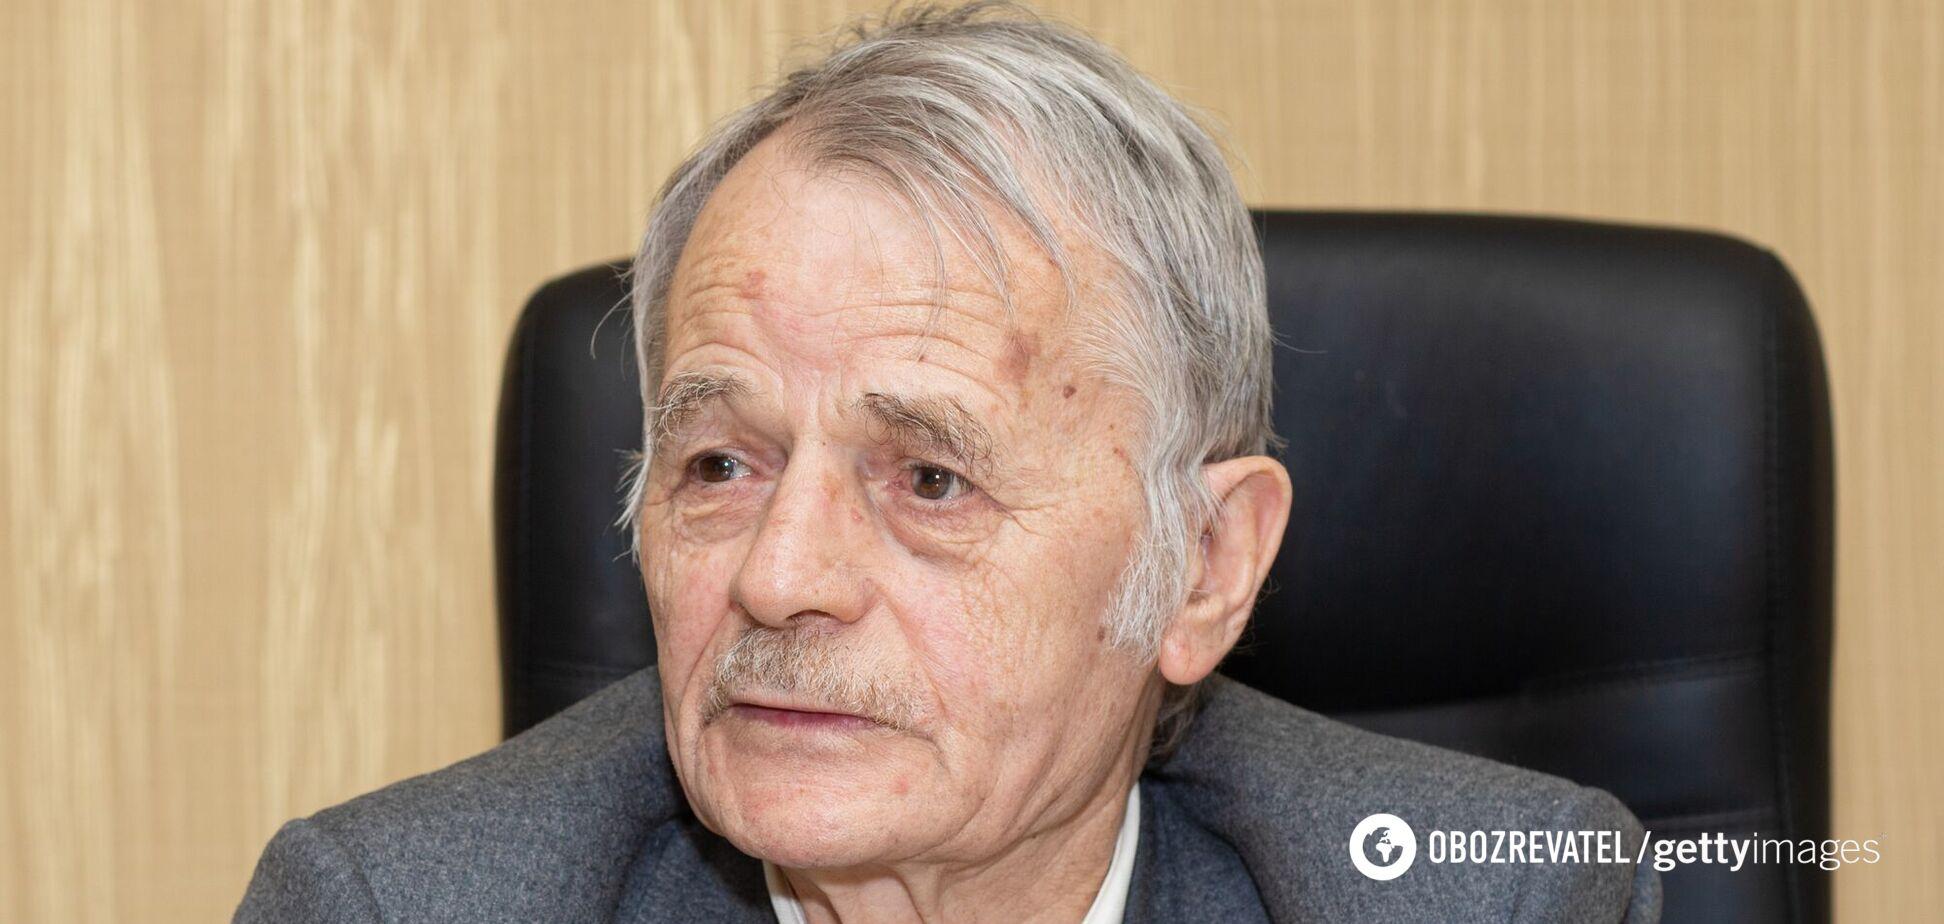 Джемілєв: Росія погрожує і шантажує країни-учасниці 'Кримської платформи'